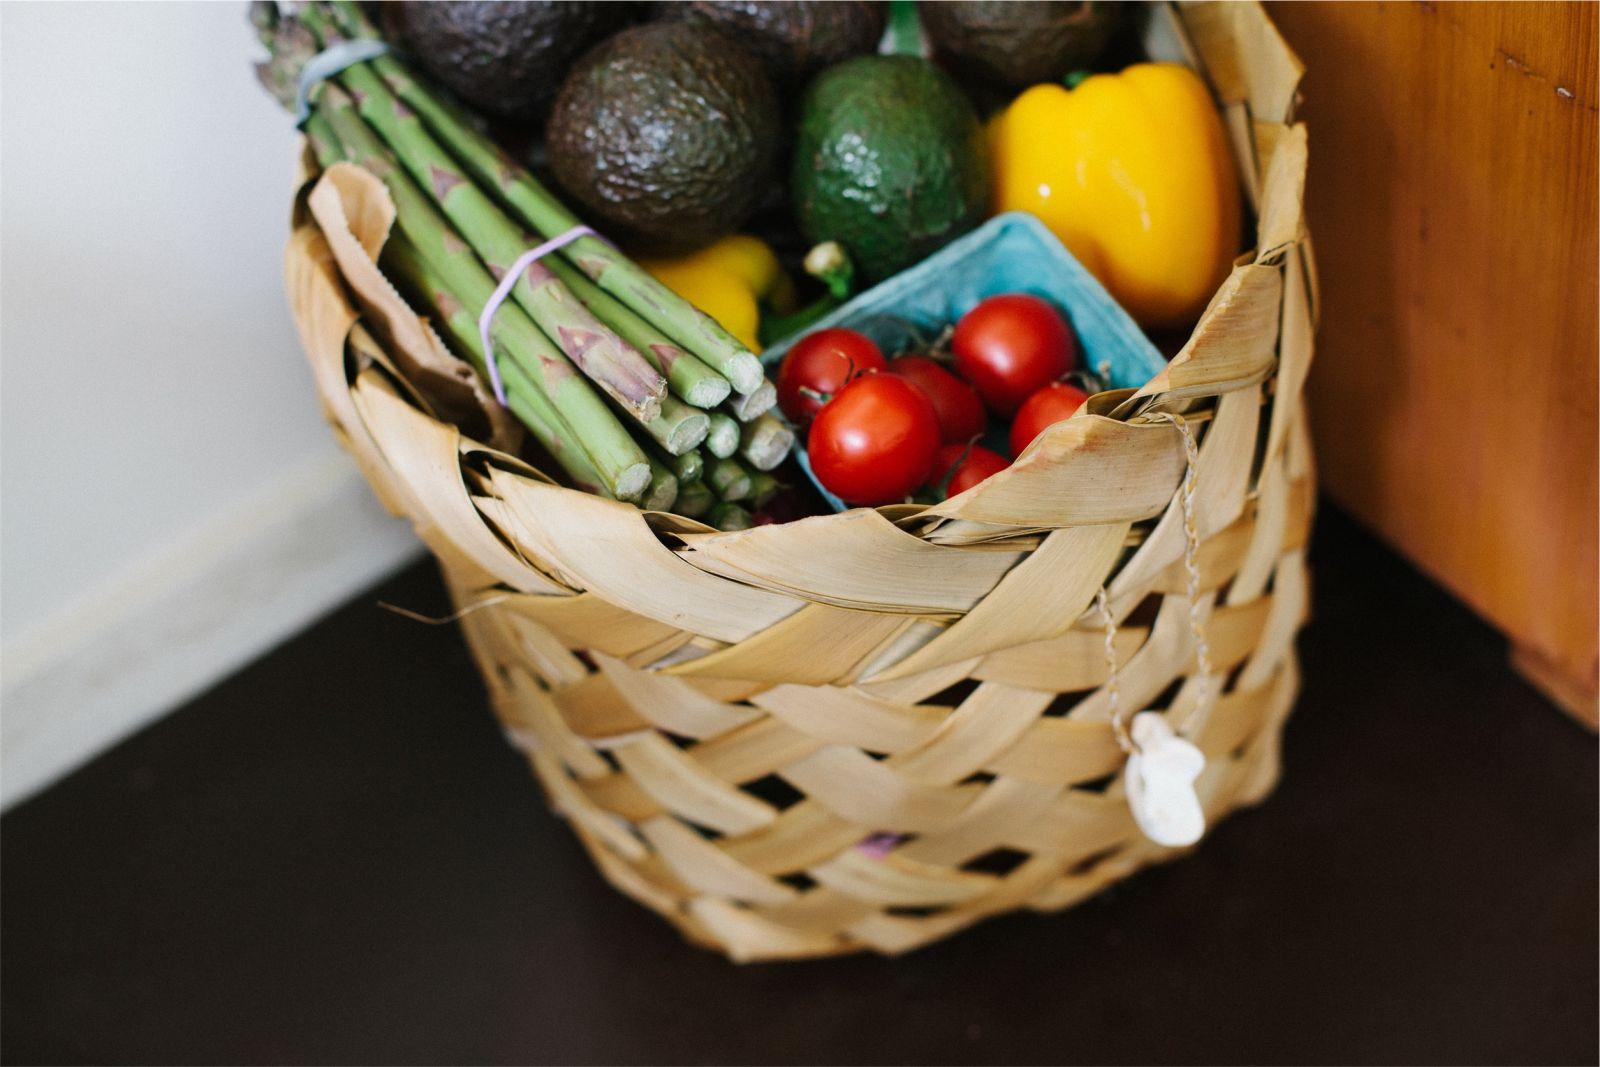 Рецепт для пикника: как приготовить овощи на гриле с домашним соусом - фото №3